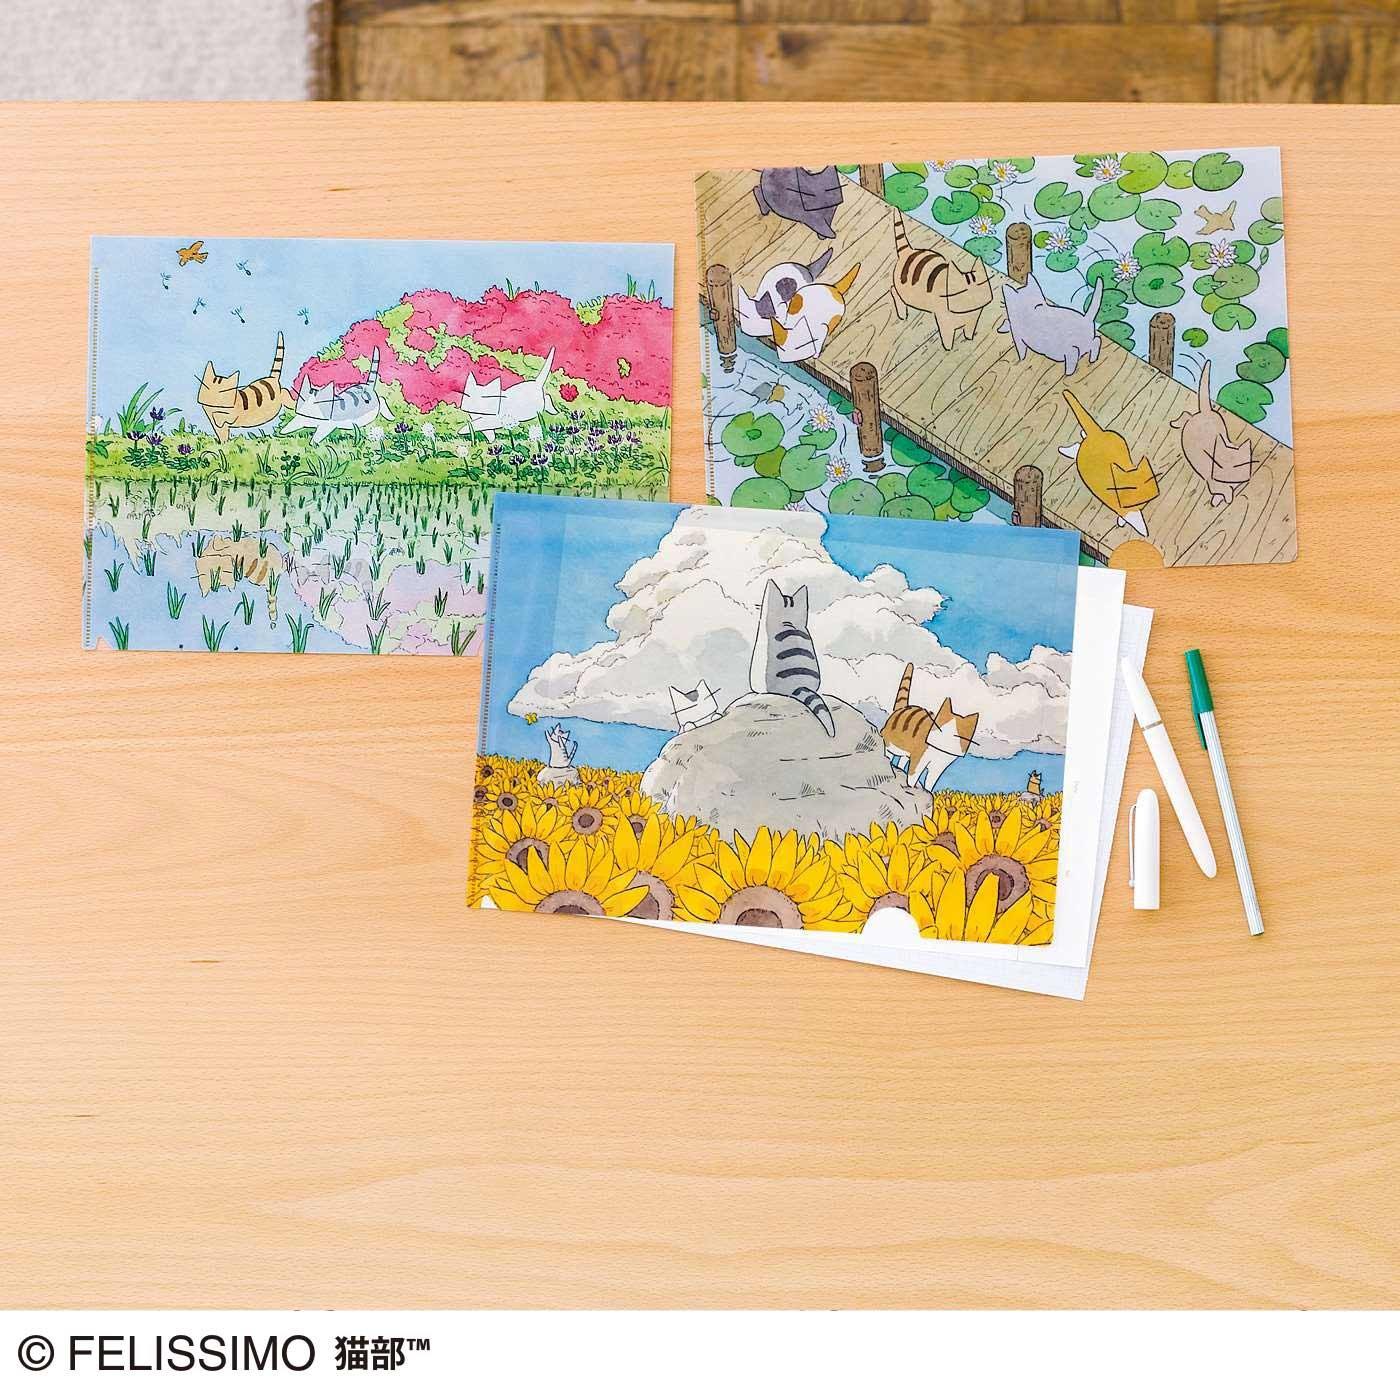 日本画家 久保 智昭さんとつくった 猫とお花の季節のクリアファイルセットの会(期間予約)